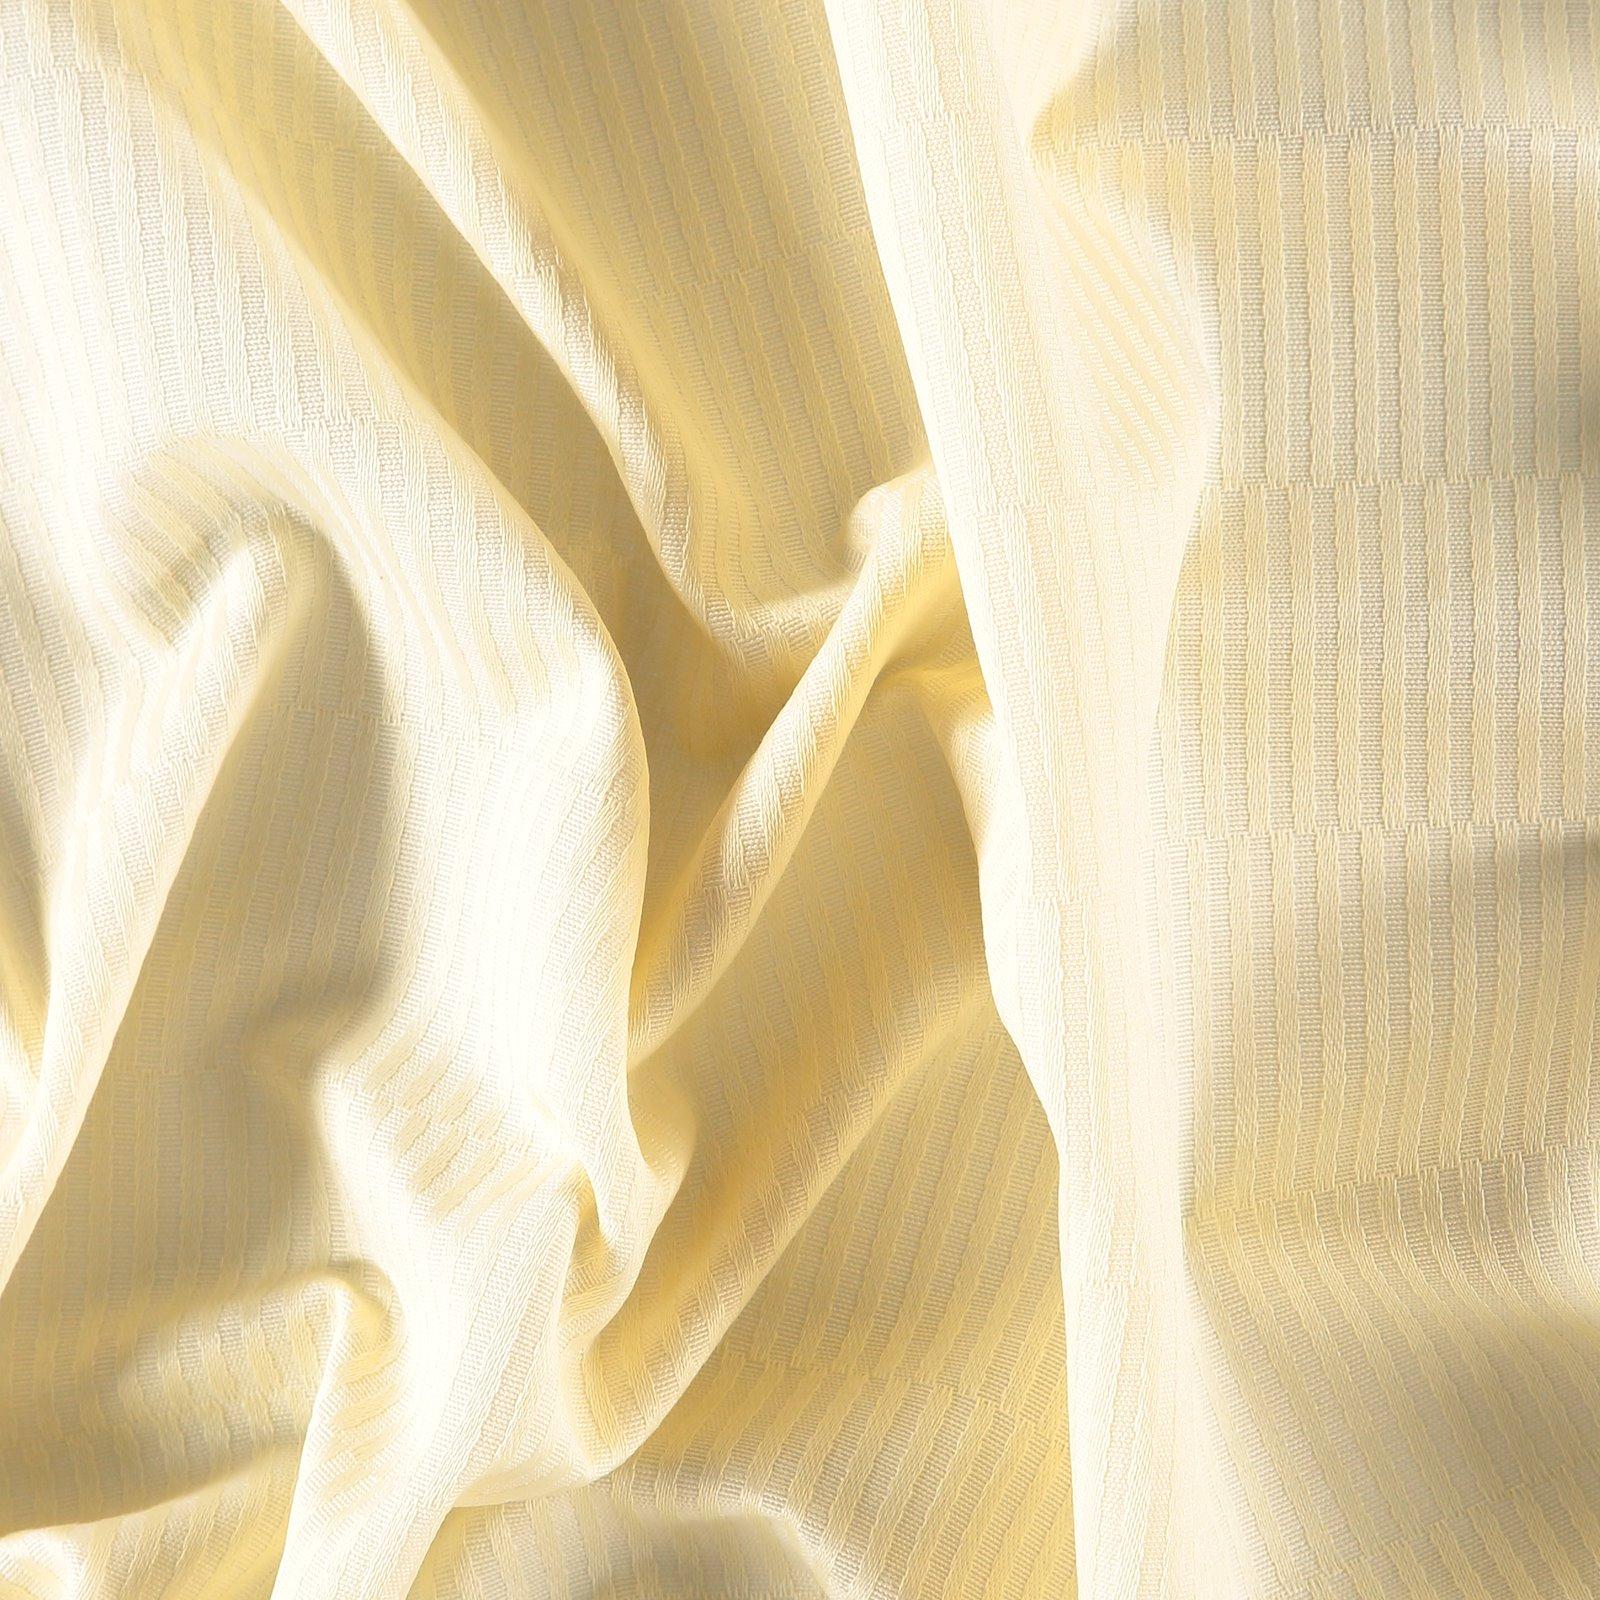 Yarn dyed light yellow w striped pattern